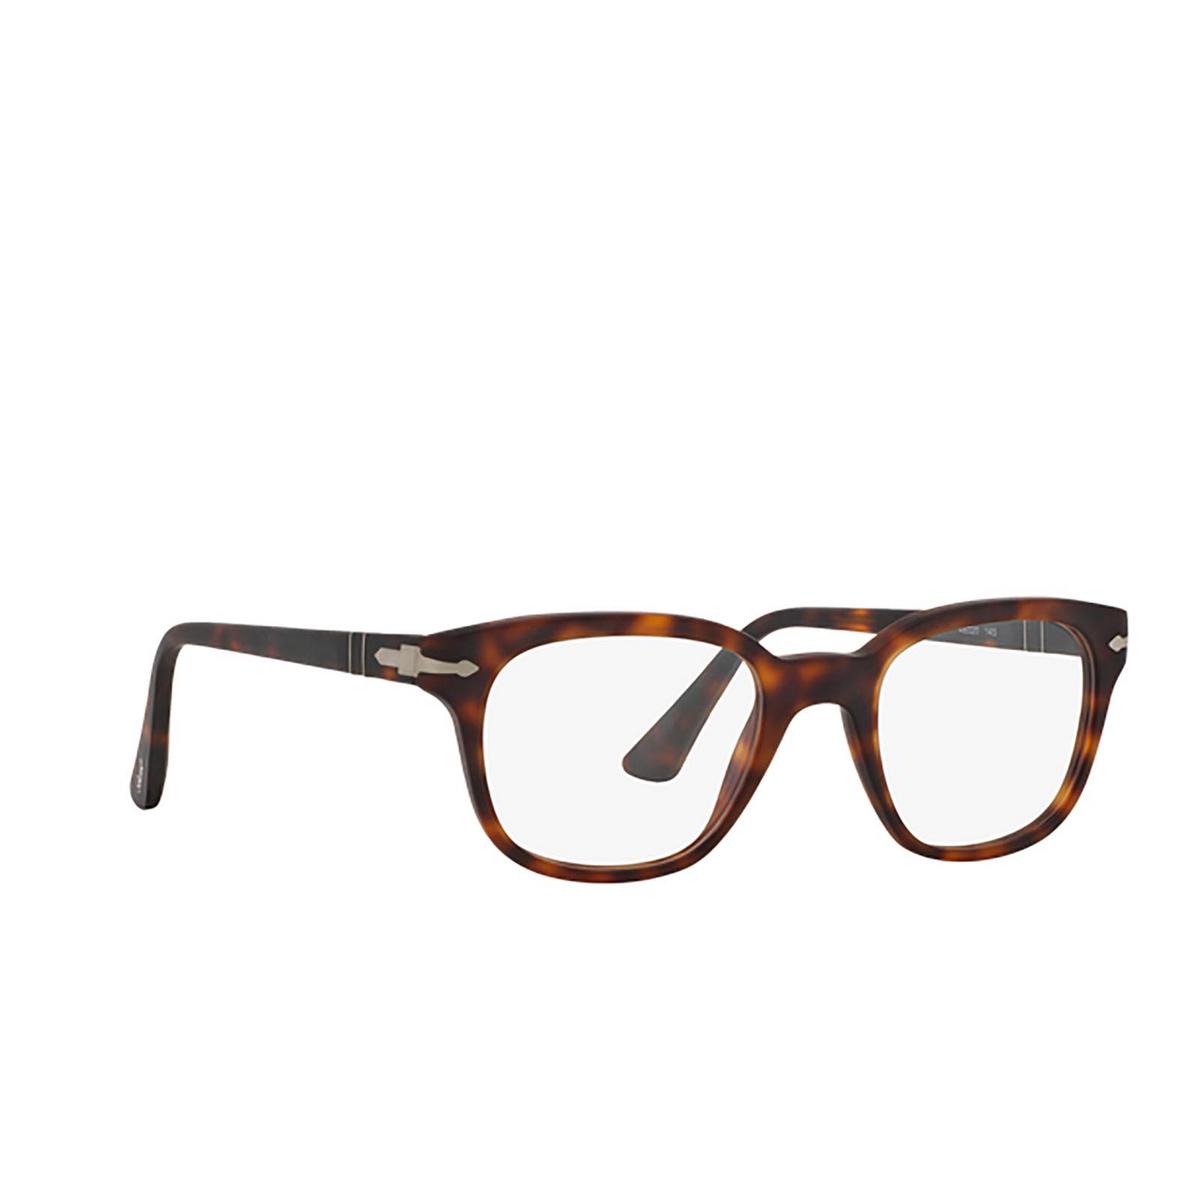 Persol® Square Eyeglasses: PO3093V color Havana 9001 - three-quarters view.